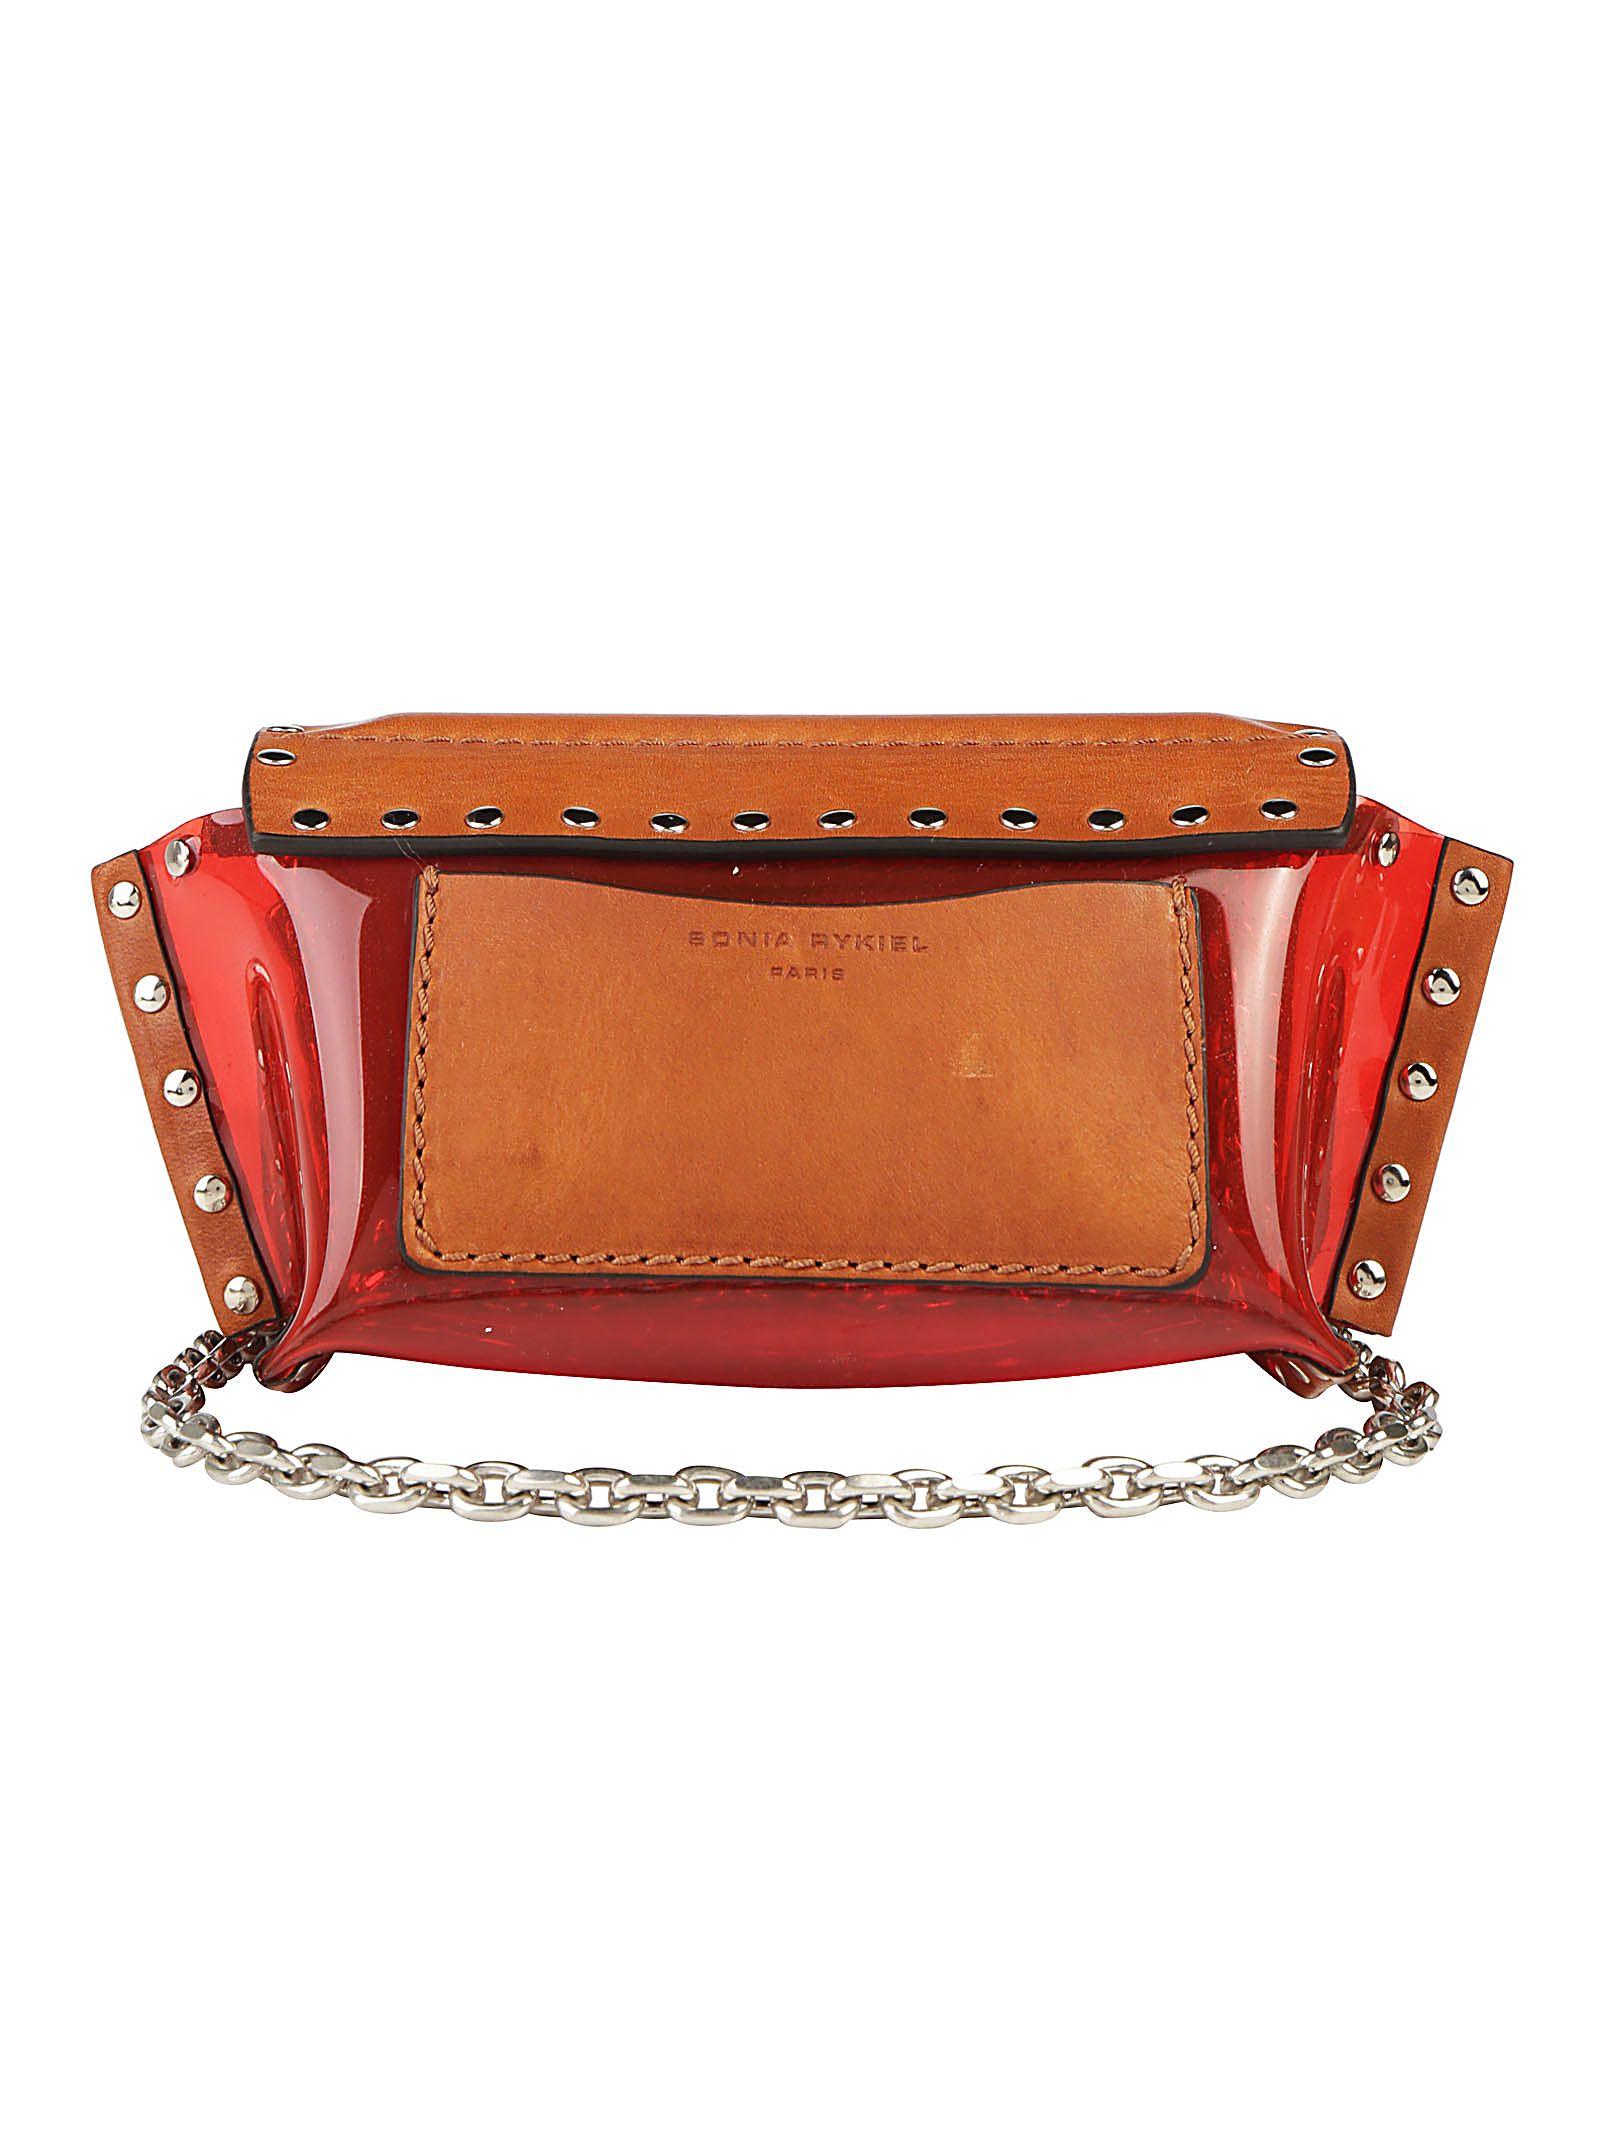 Meilleur Prix Prix Pas Cher Sonia Rykiel Sonia Rykiel Le Copain Clou Shoulder Bag - Brown Collections De Vente À Bas Prix dDuS1Ws9